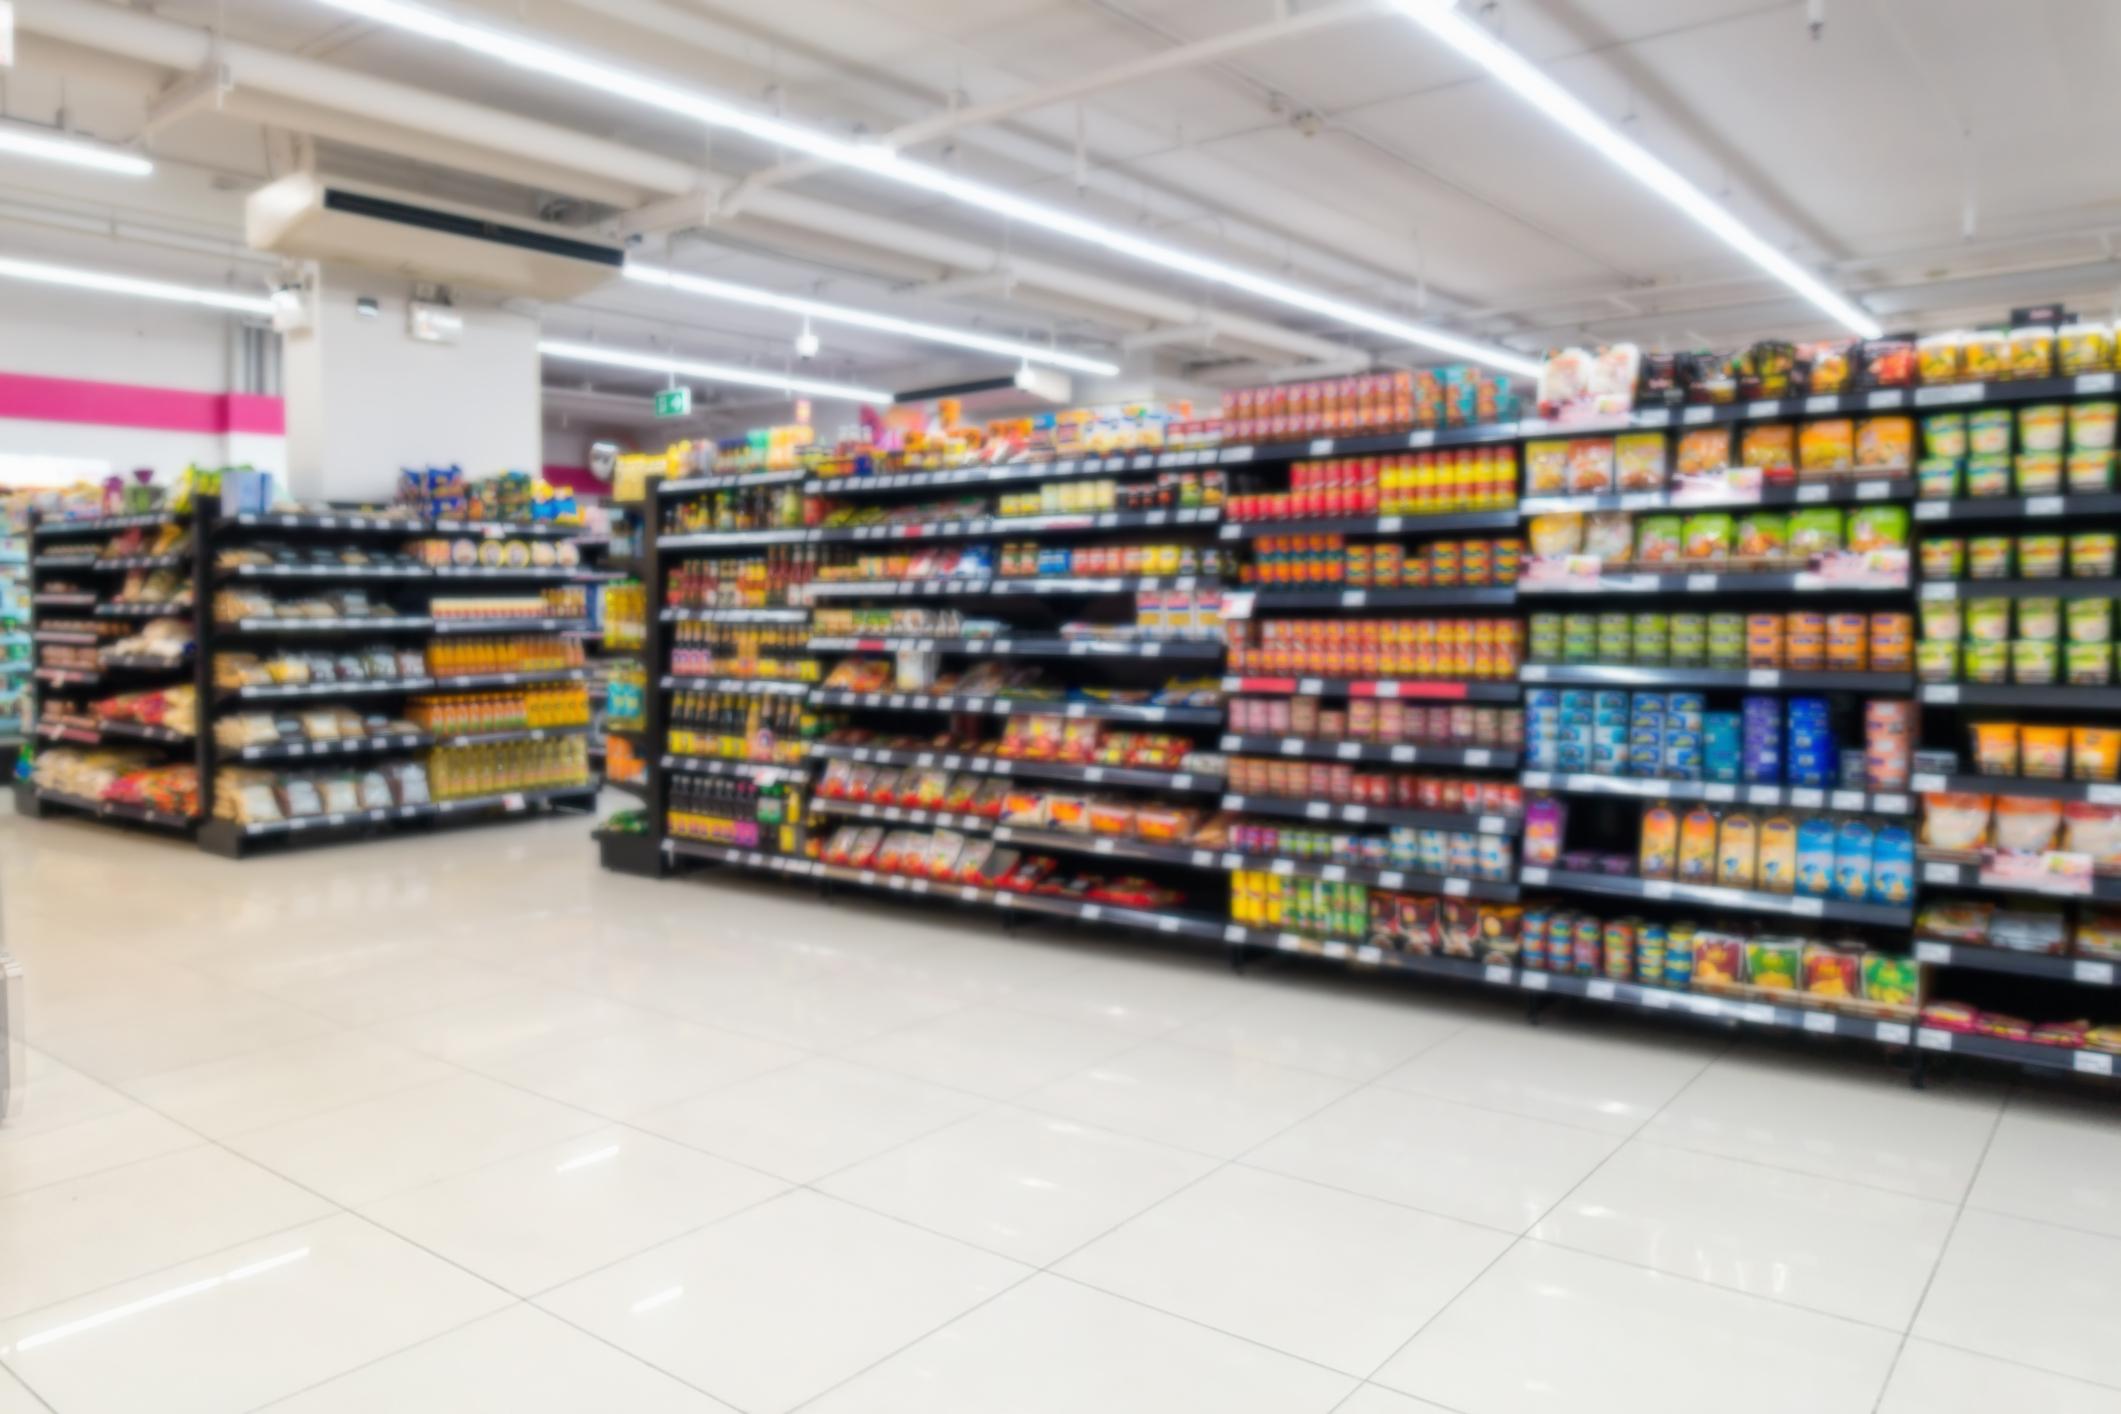 A blurred image of supermarket shelves